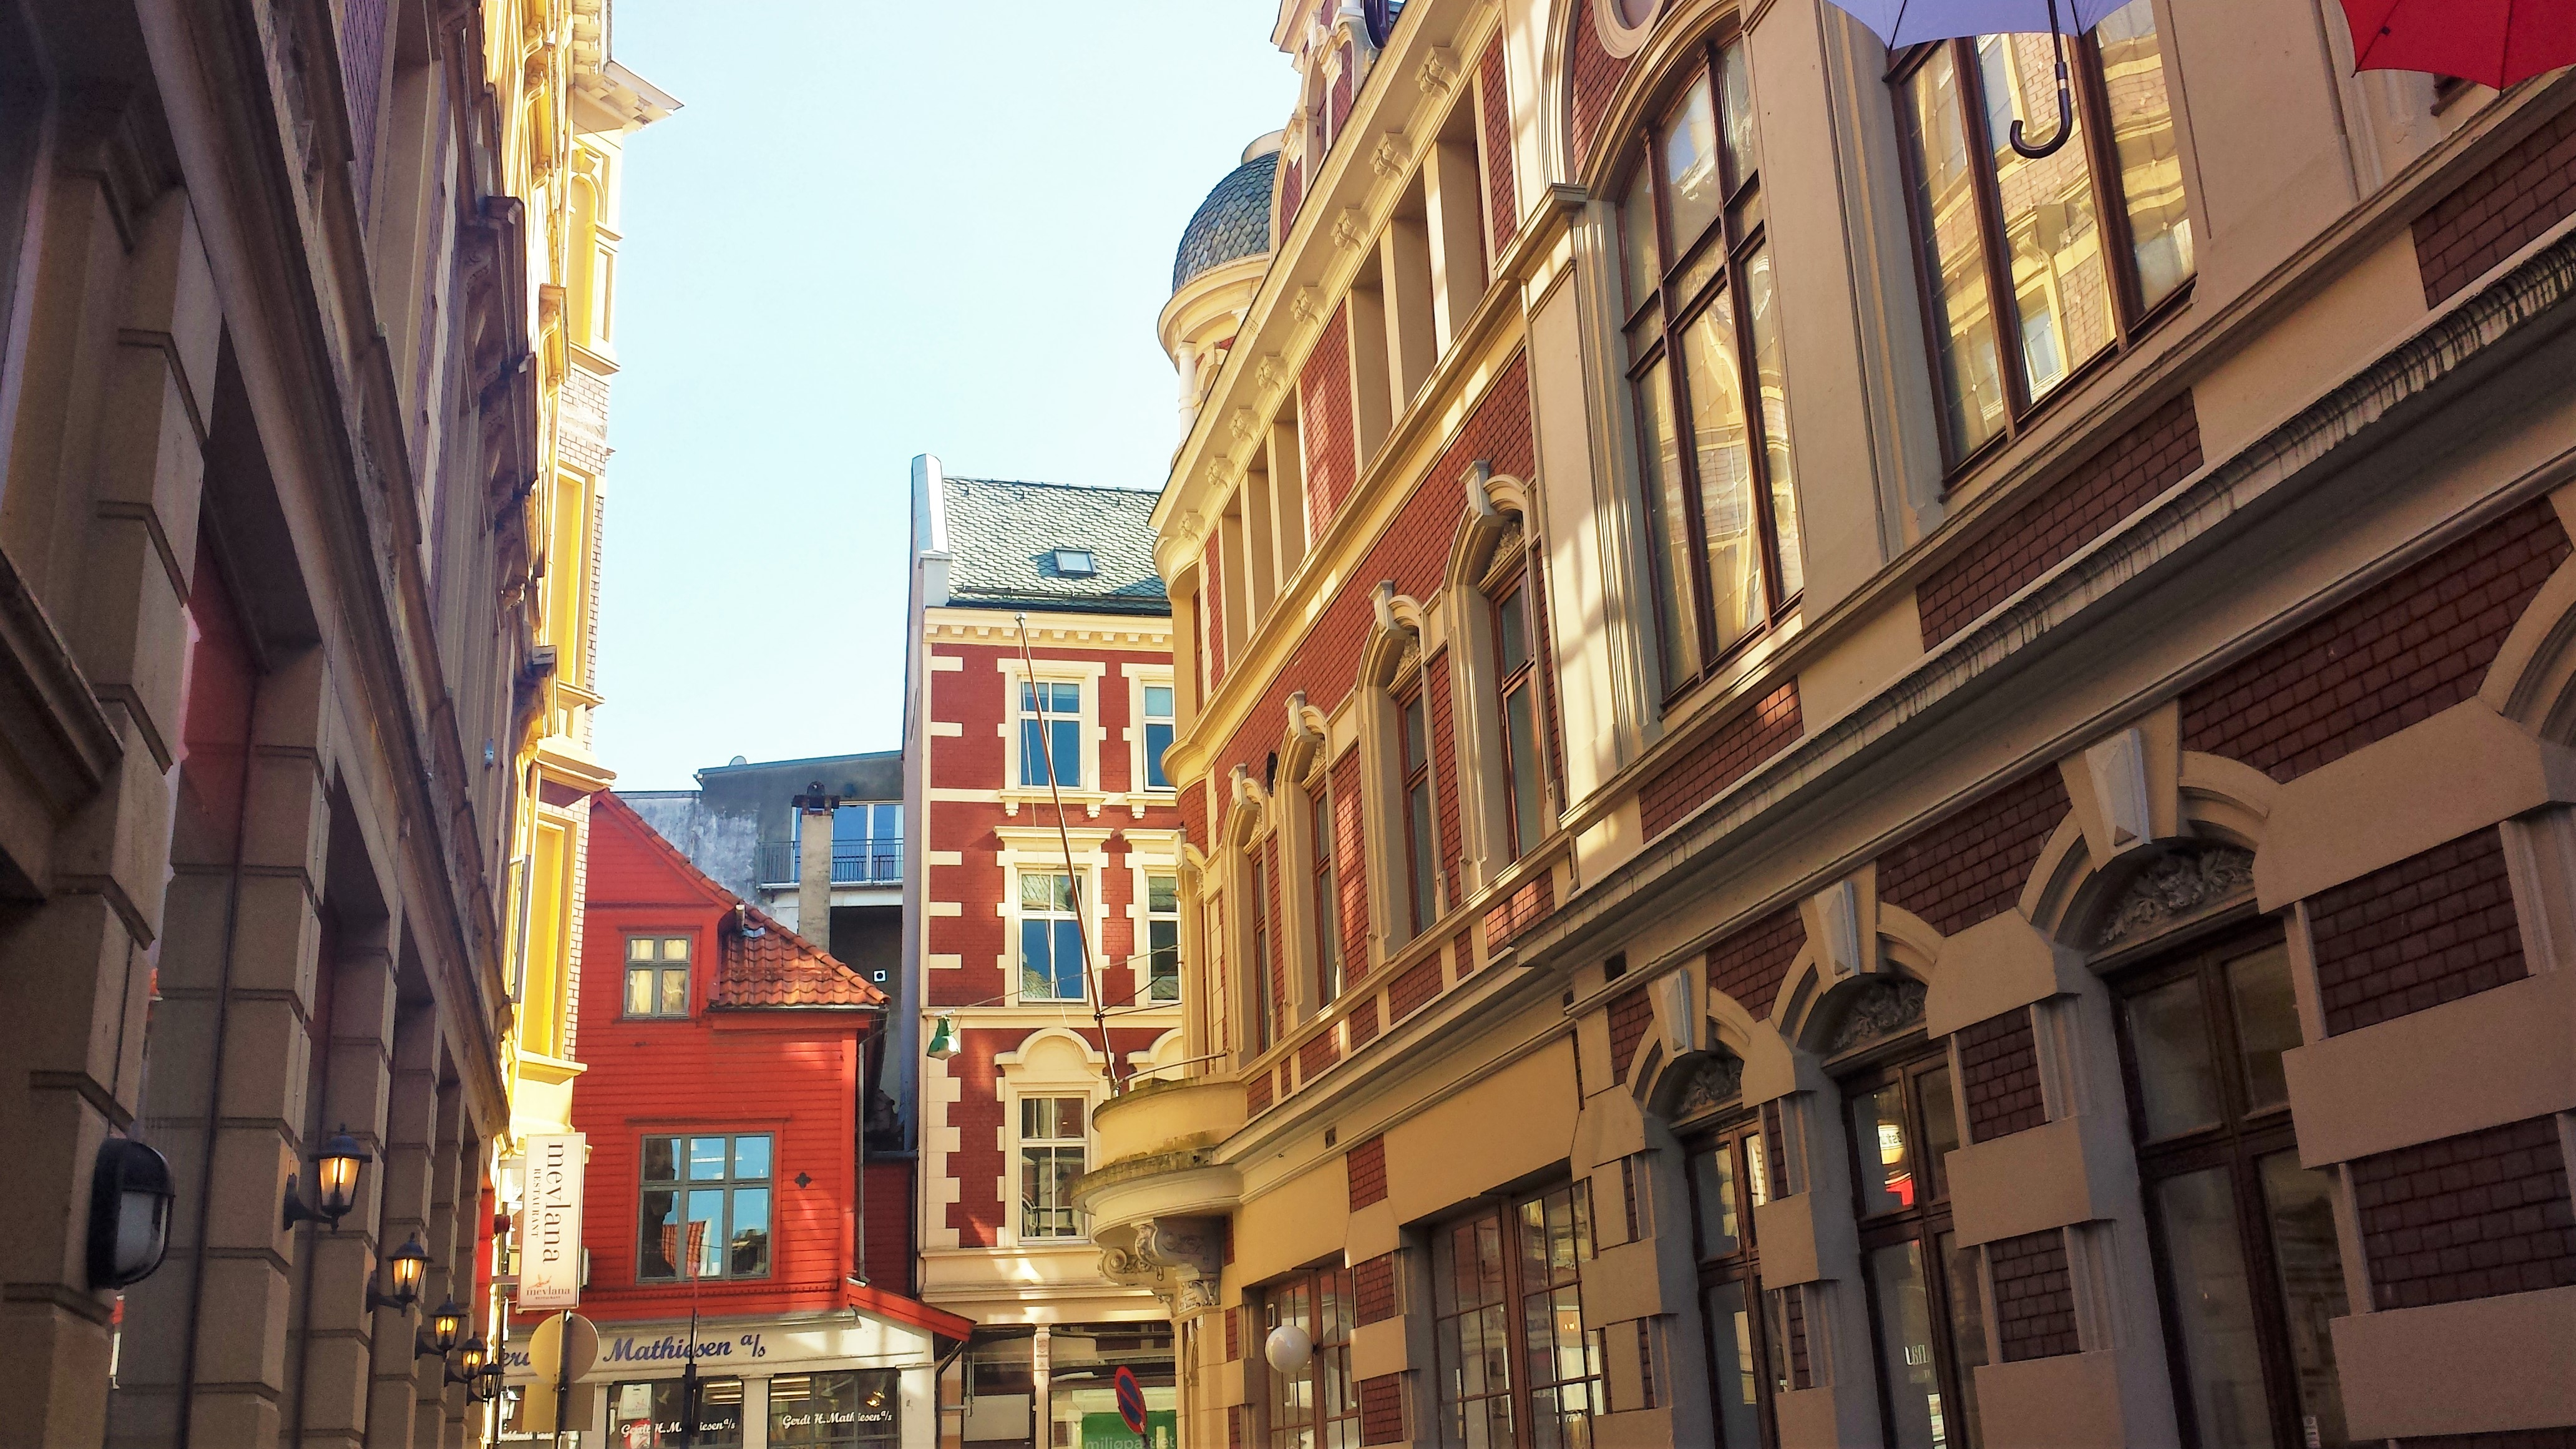 Streets_Bergen_Norway